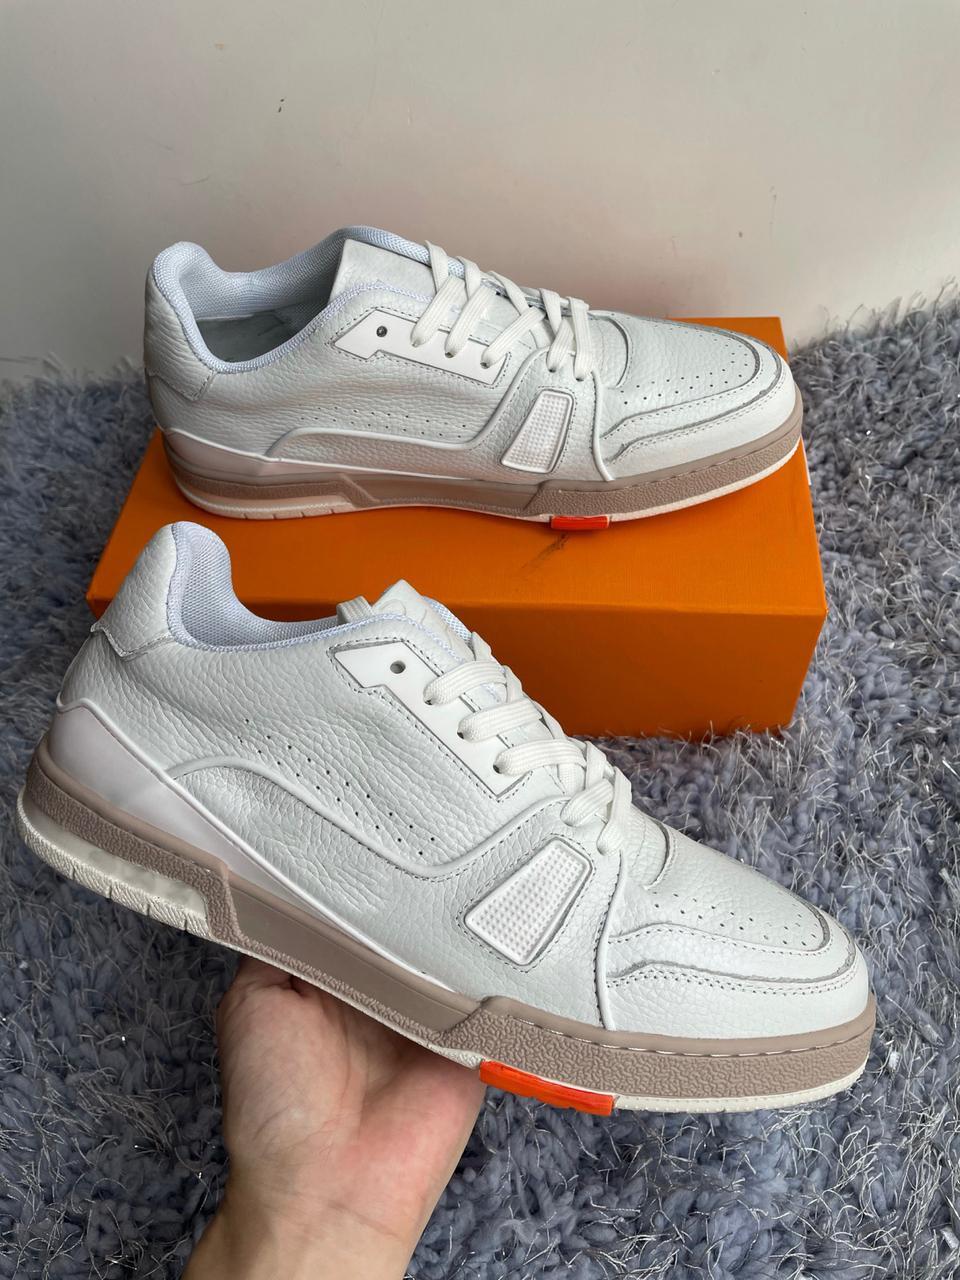 Grey Platform Designer Scarpe più recenti Uomo Scarpe Sneakers di lusso Fiori Chaussures Casual Sneaker piatta Casual all'ingrosso Nuova versione Regalo di Natale